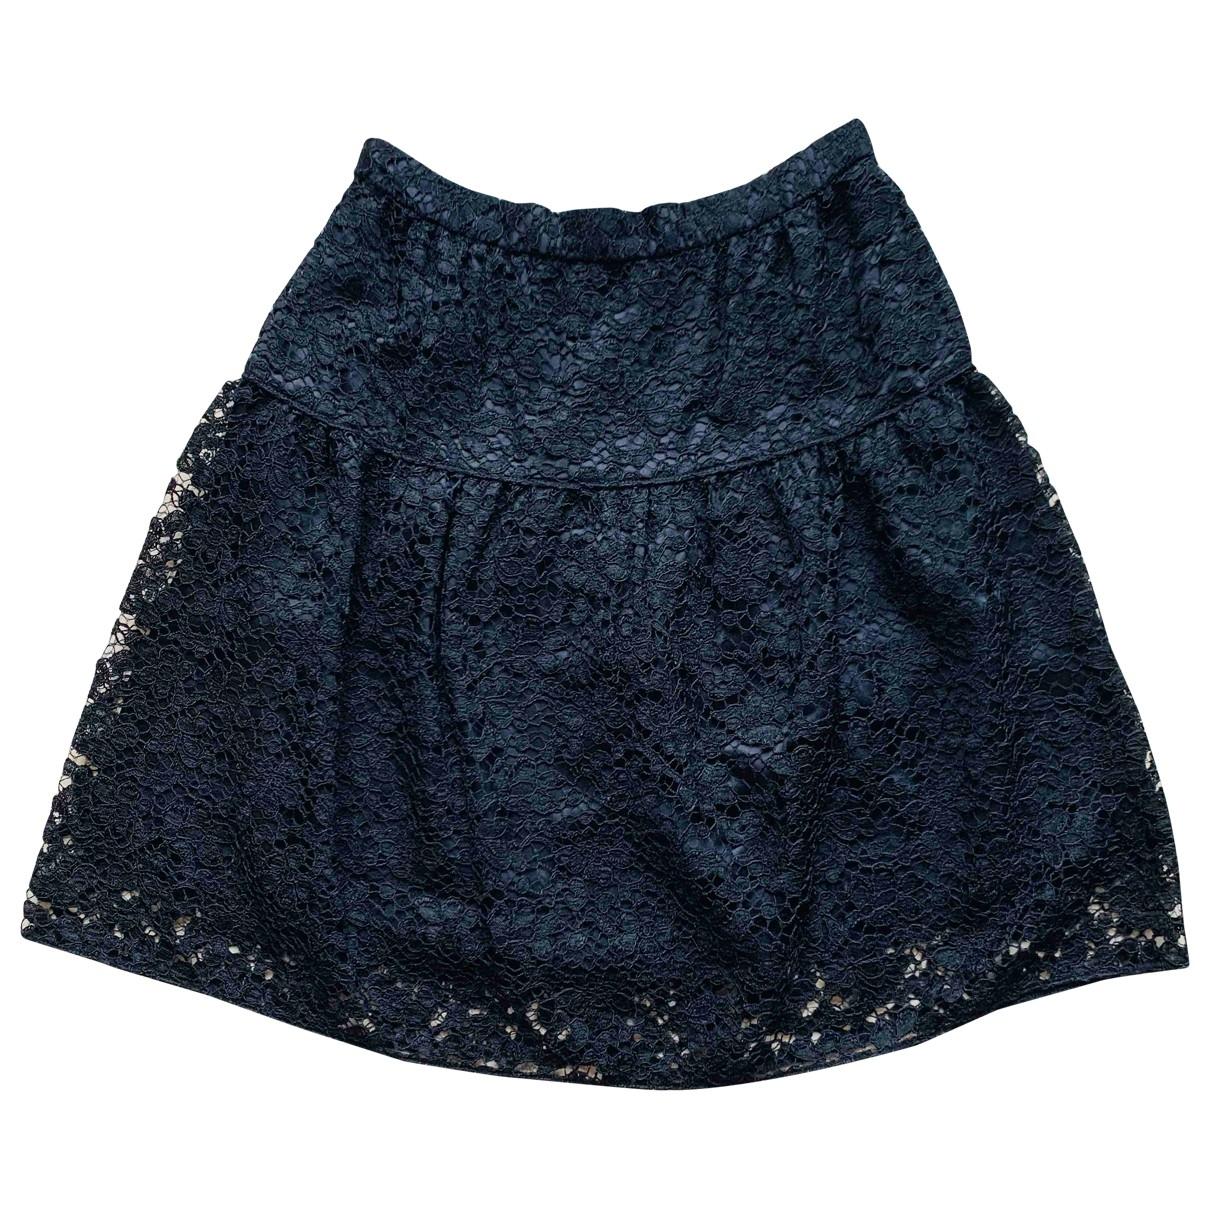 Dolce & Gabbana \N Black Cotton skirt for Women 38 IT